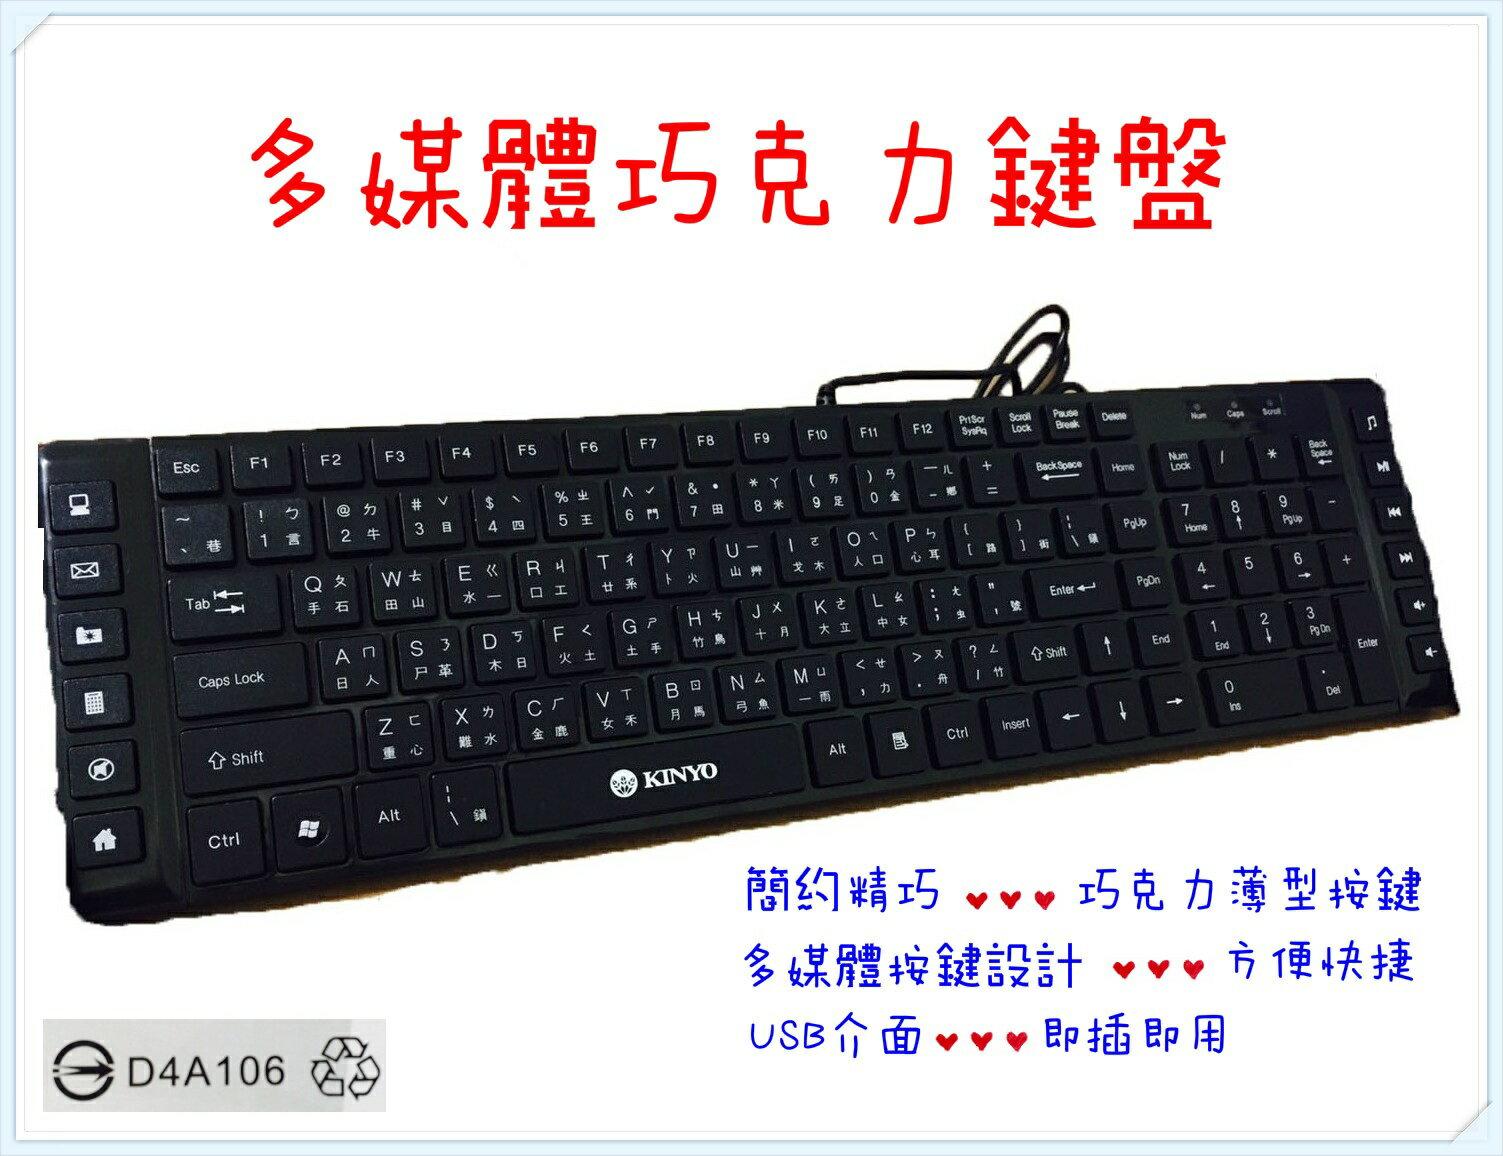 ❤含發票❤團購價❤【KINYO-多媒體巧克力鍵盤】❤鍵盤/巧克力/傾斜角架/USB/電腦周邊/電競周邊/音響/滑鼠/喇叭❤